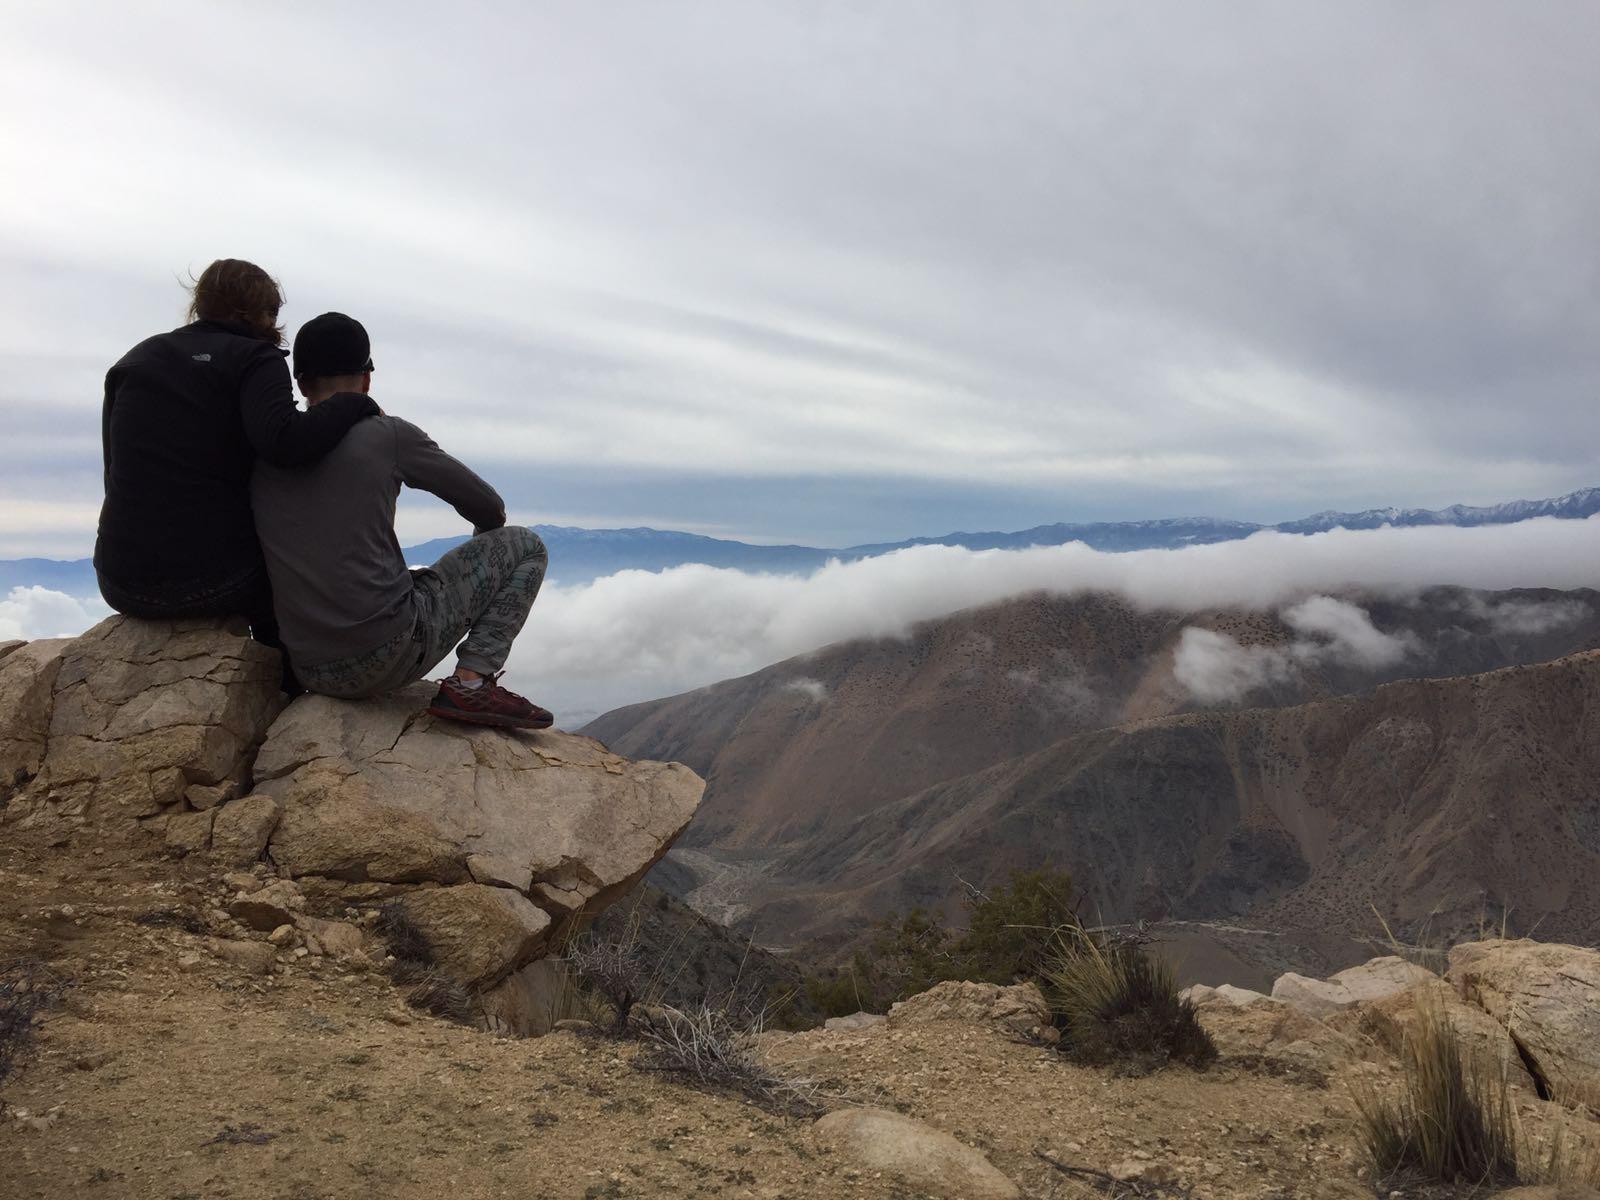 The incredible overlook